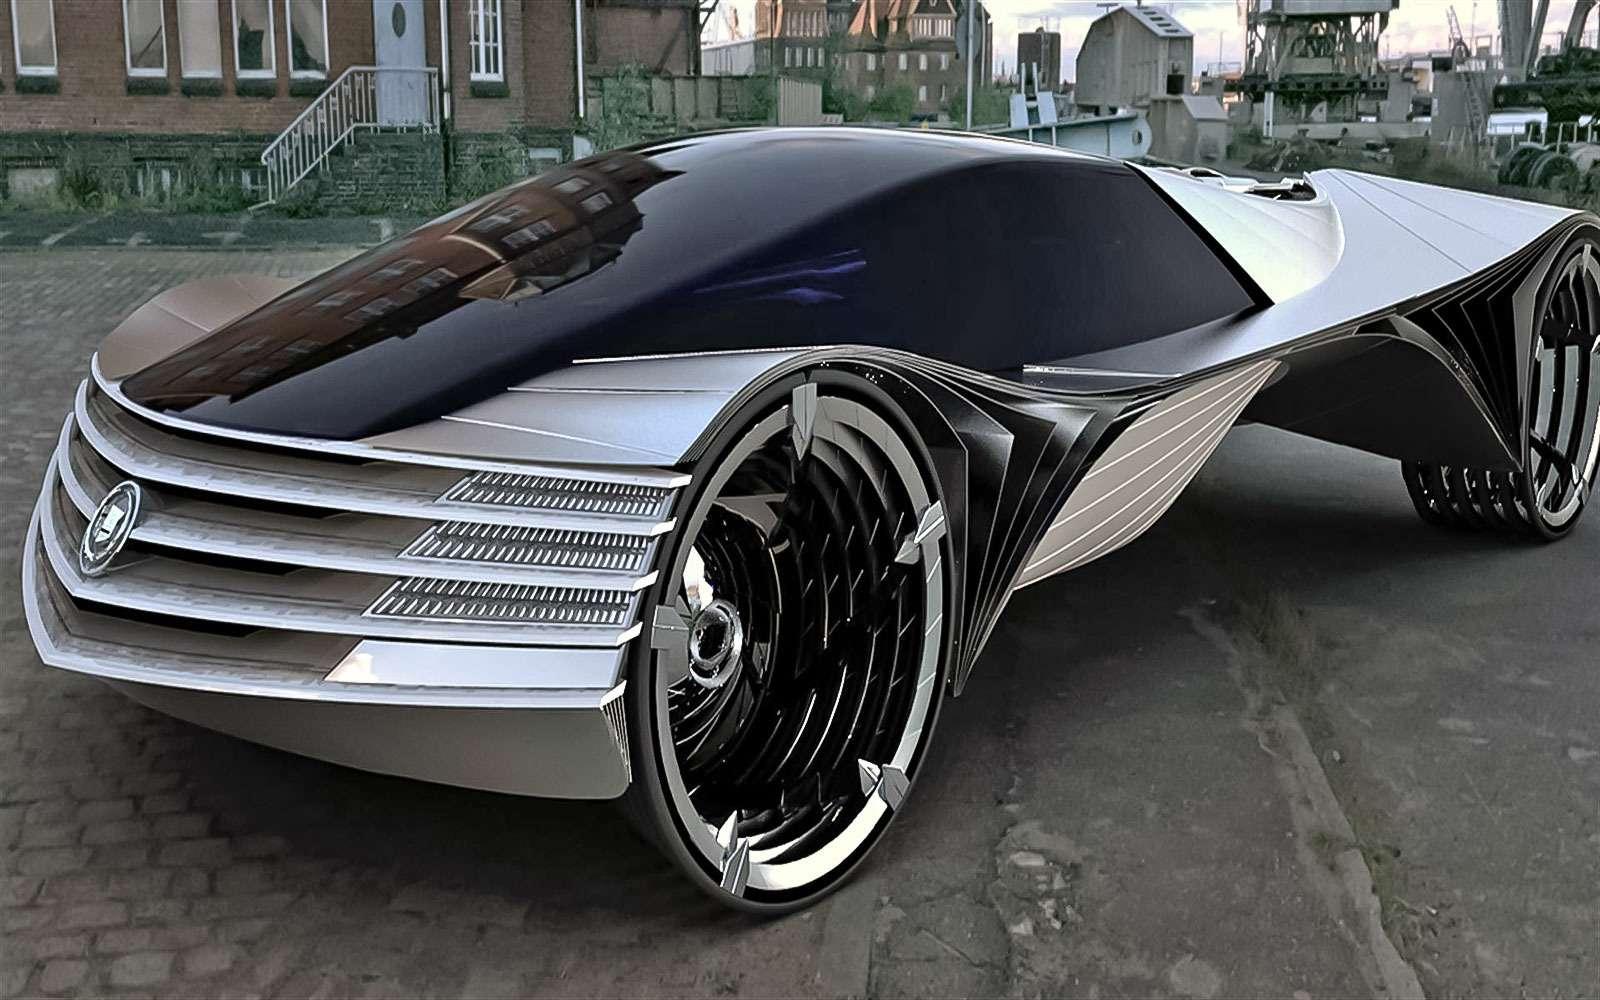 2013 Cadillac World Thorium Fuel